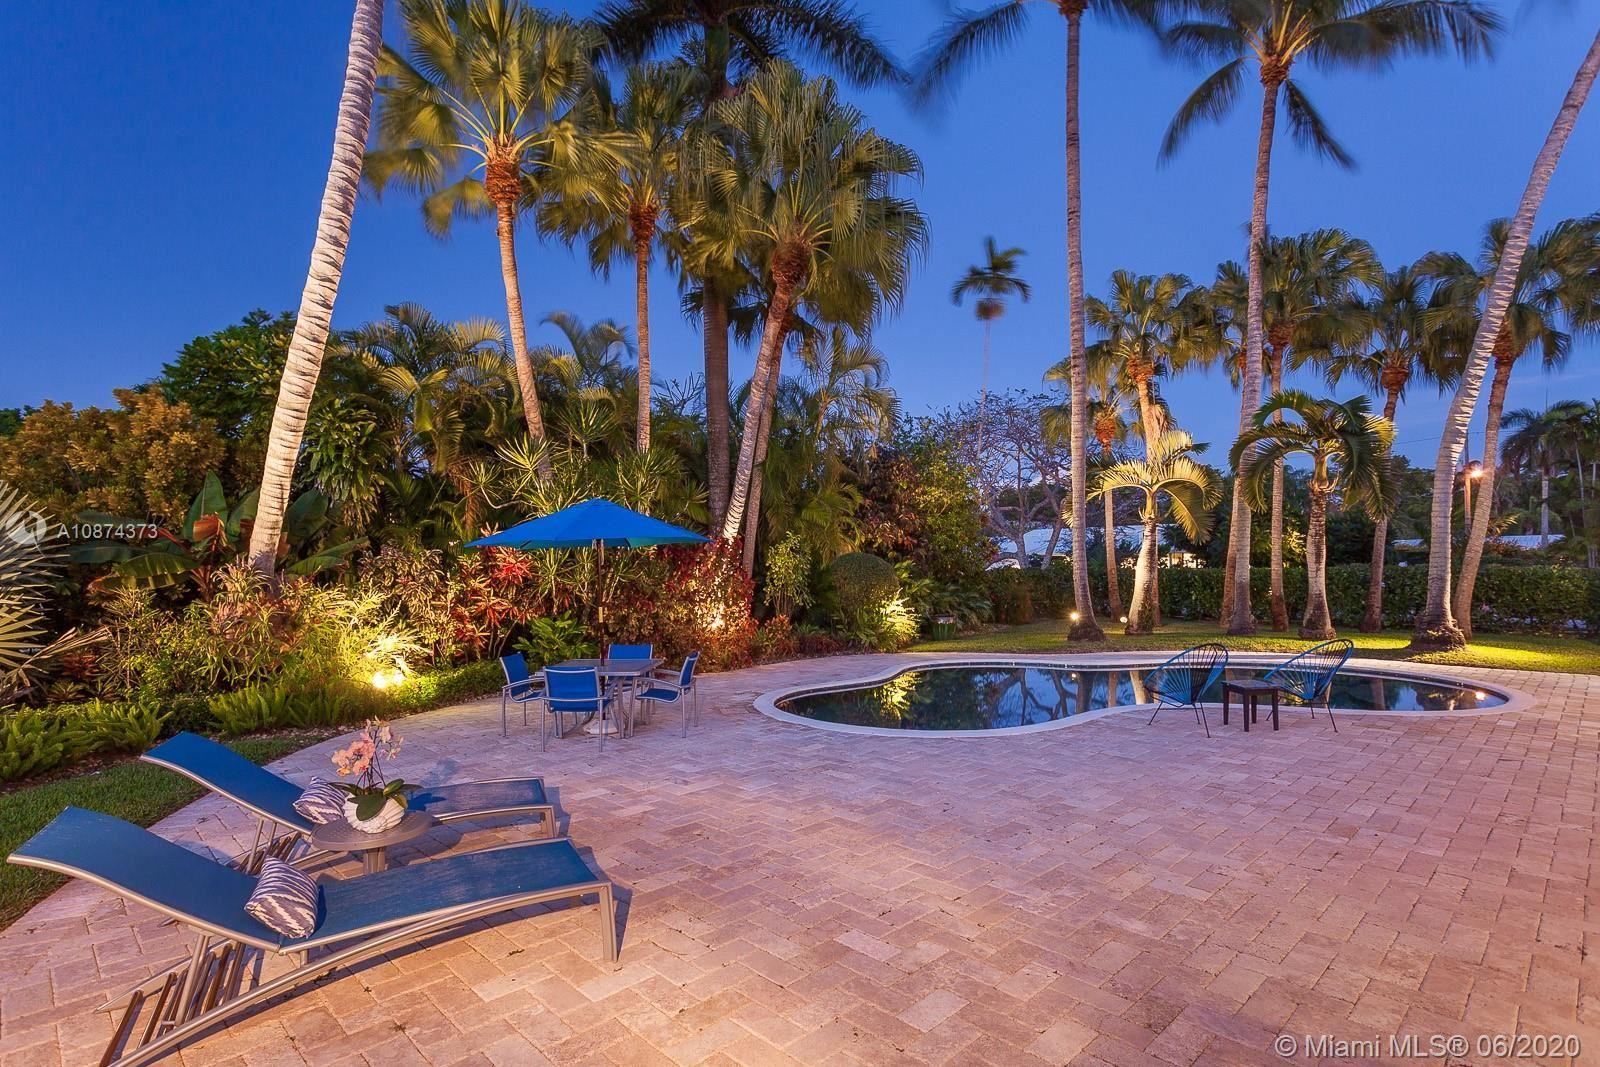 5451 SW 85 St, Miami, FL 33143 - #: A10874373